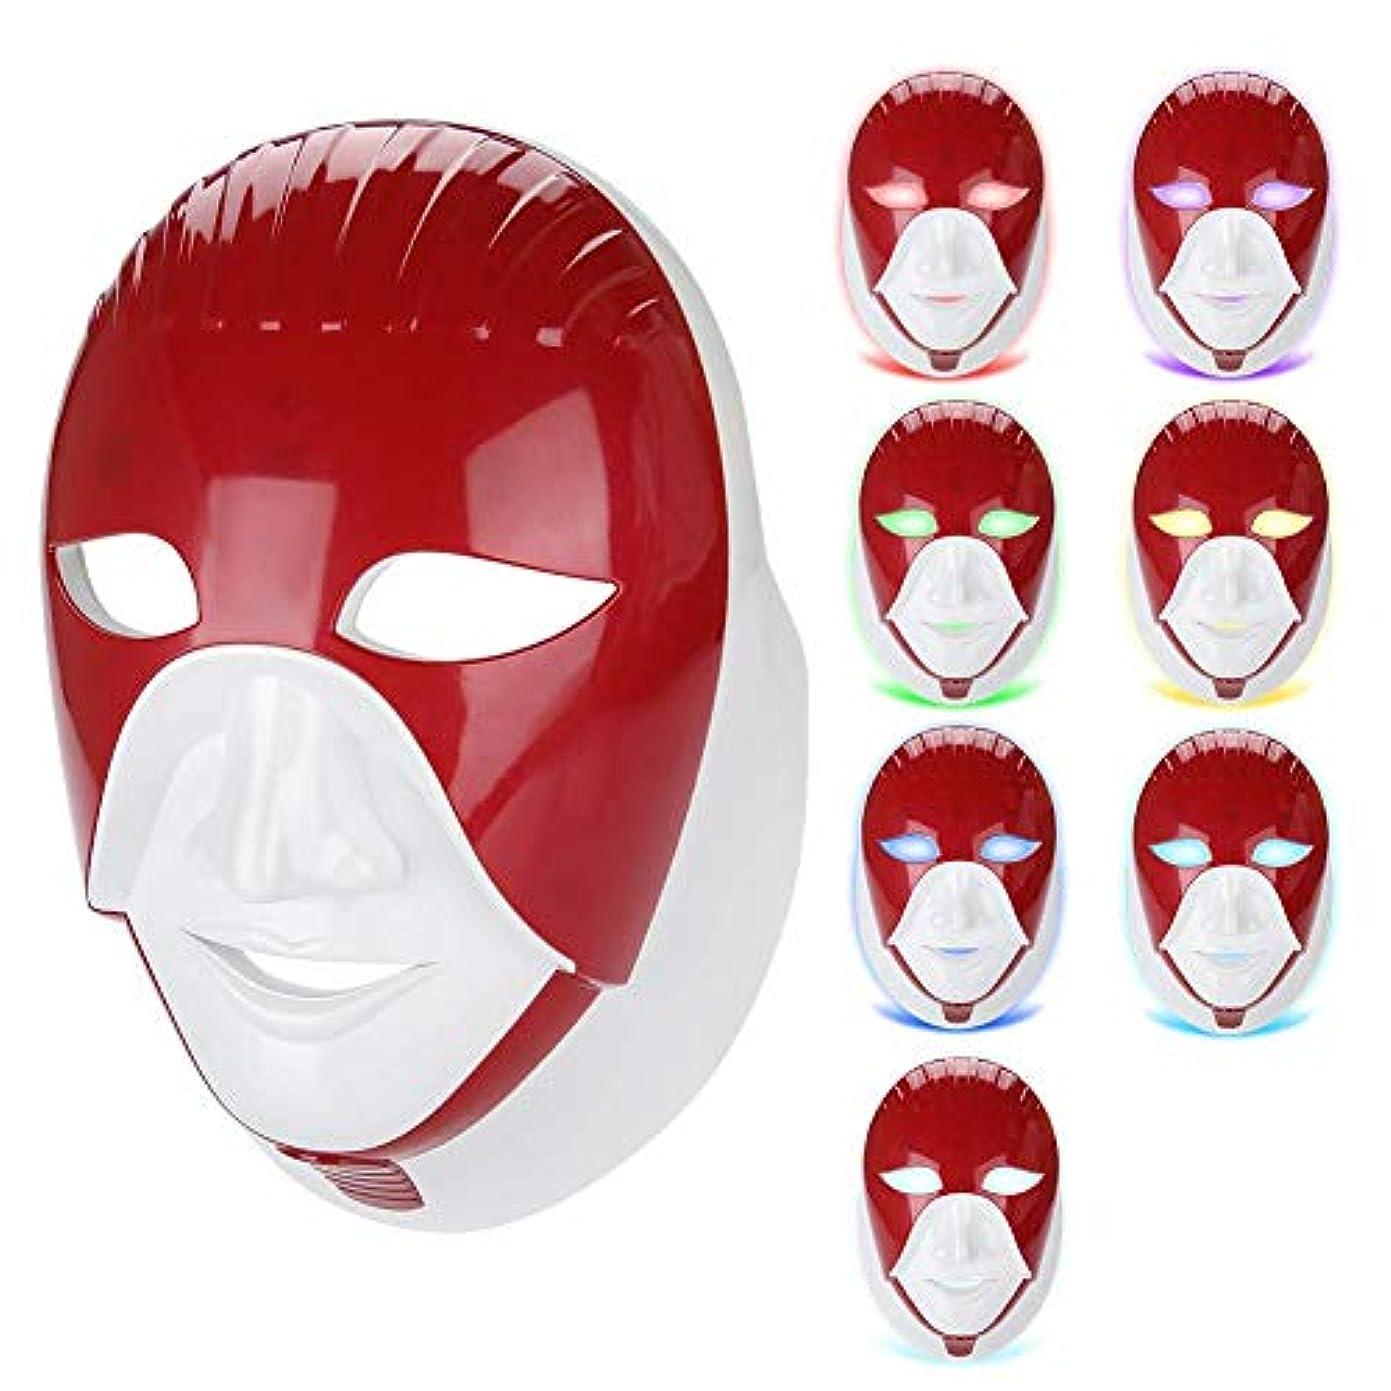 一時停止持っているキュービックフォトンセラピーフェイシャルネックマスクアンチリンクルスキンリジュビネーション7色美容機器美容マスク(アルミボックス)